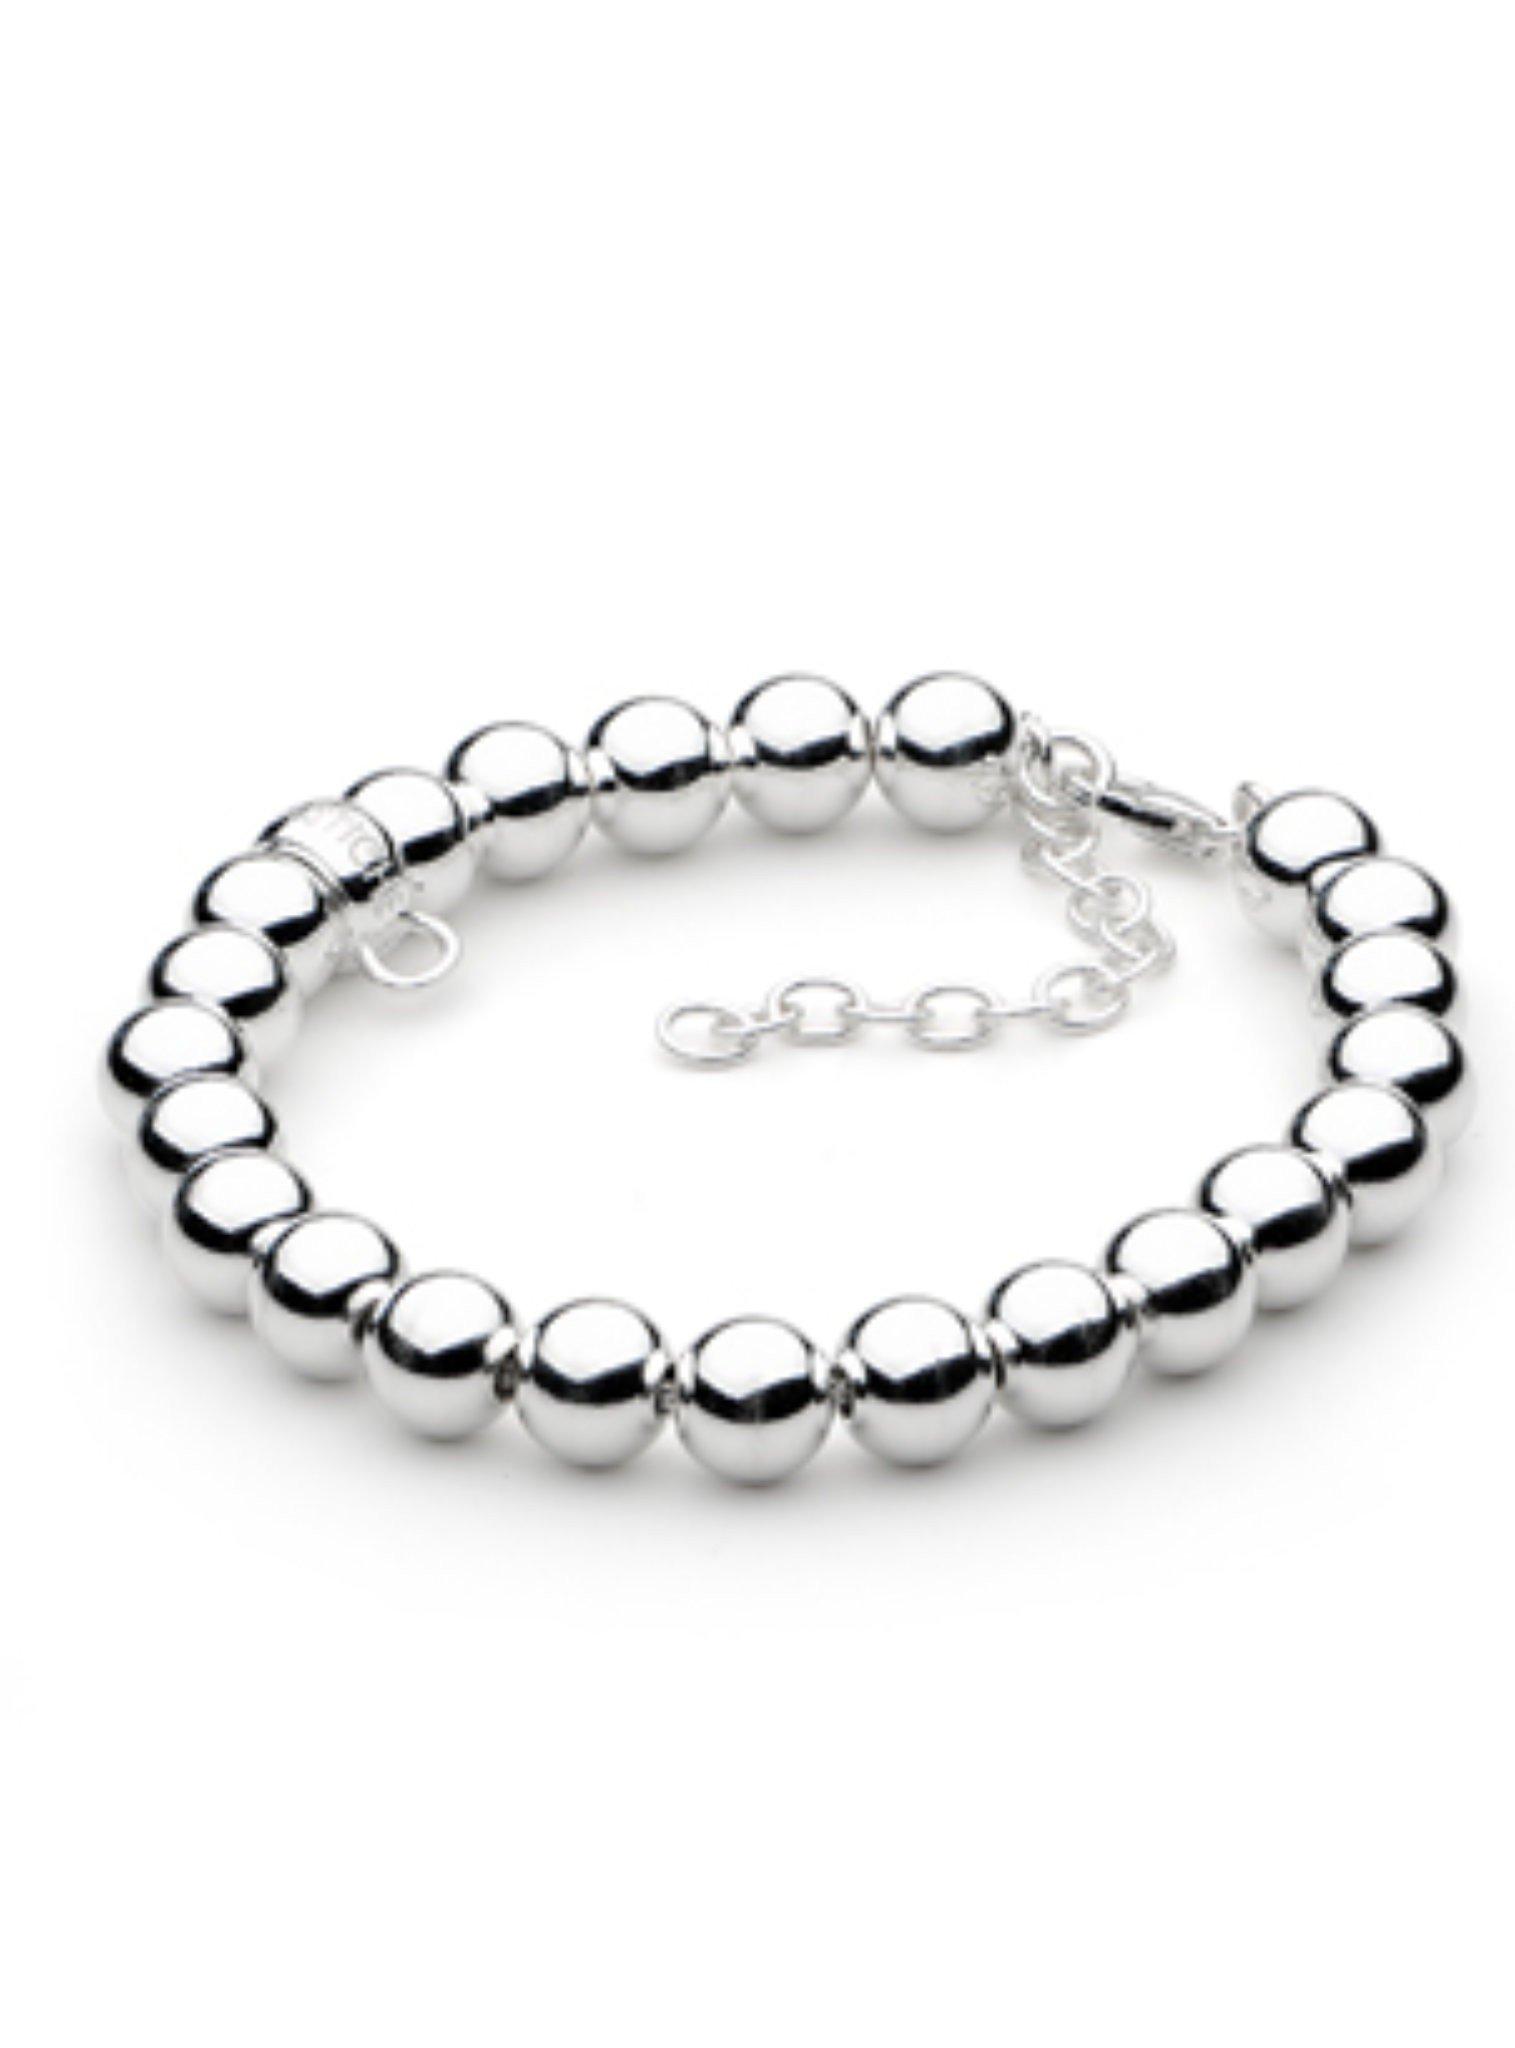 Ball Bead Bracelet in 8mm Sterling Silver